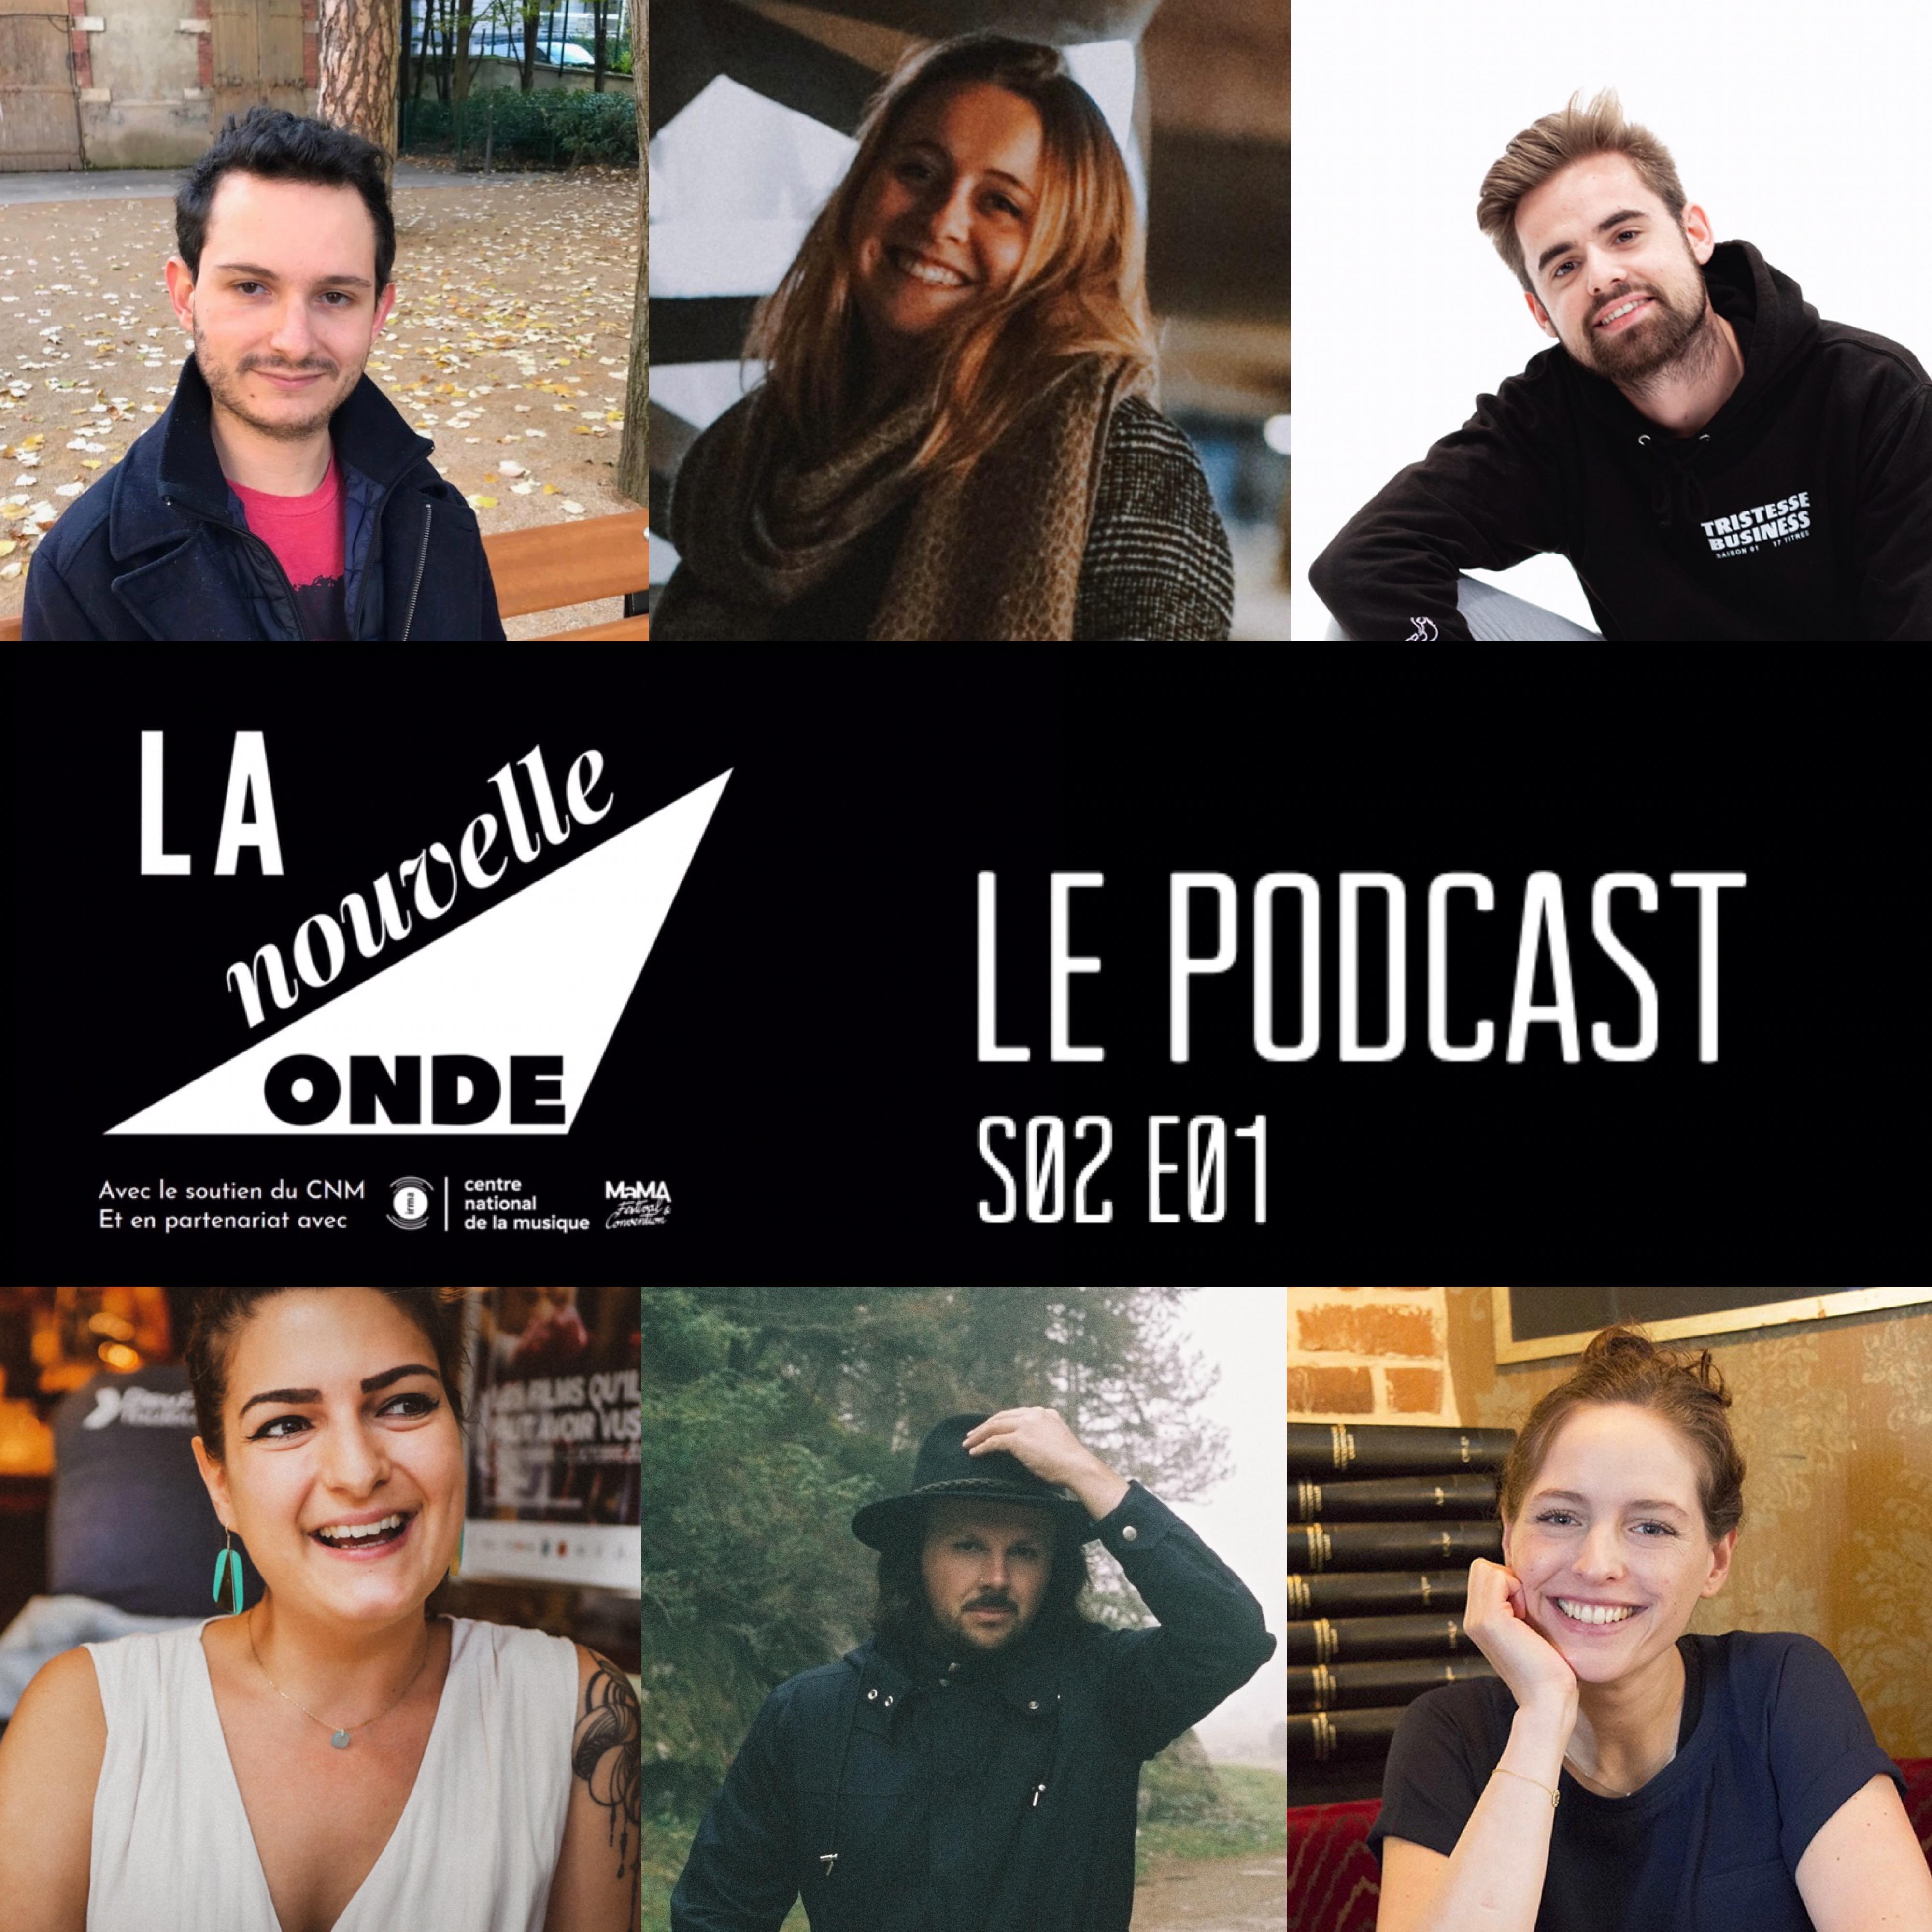 Podcast LNO S02 E01 - Métier tous risques et tout terrain : le management d'artistes Image